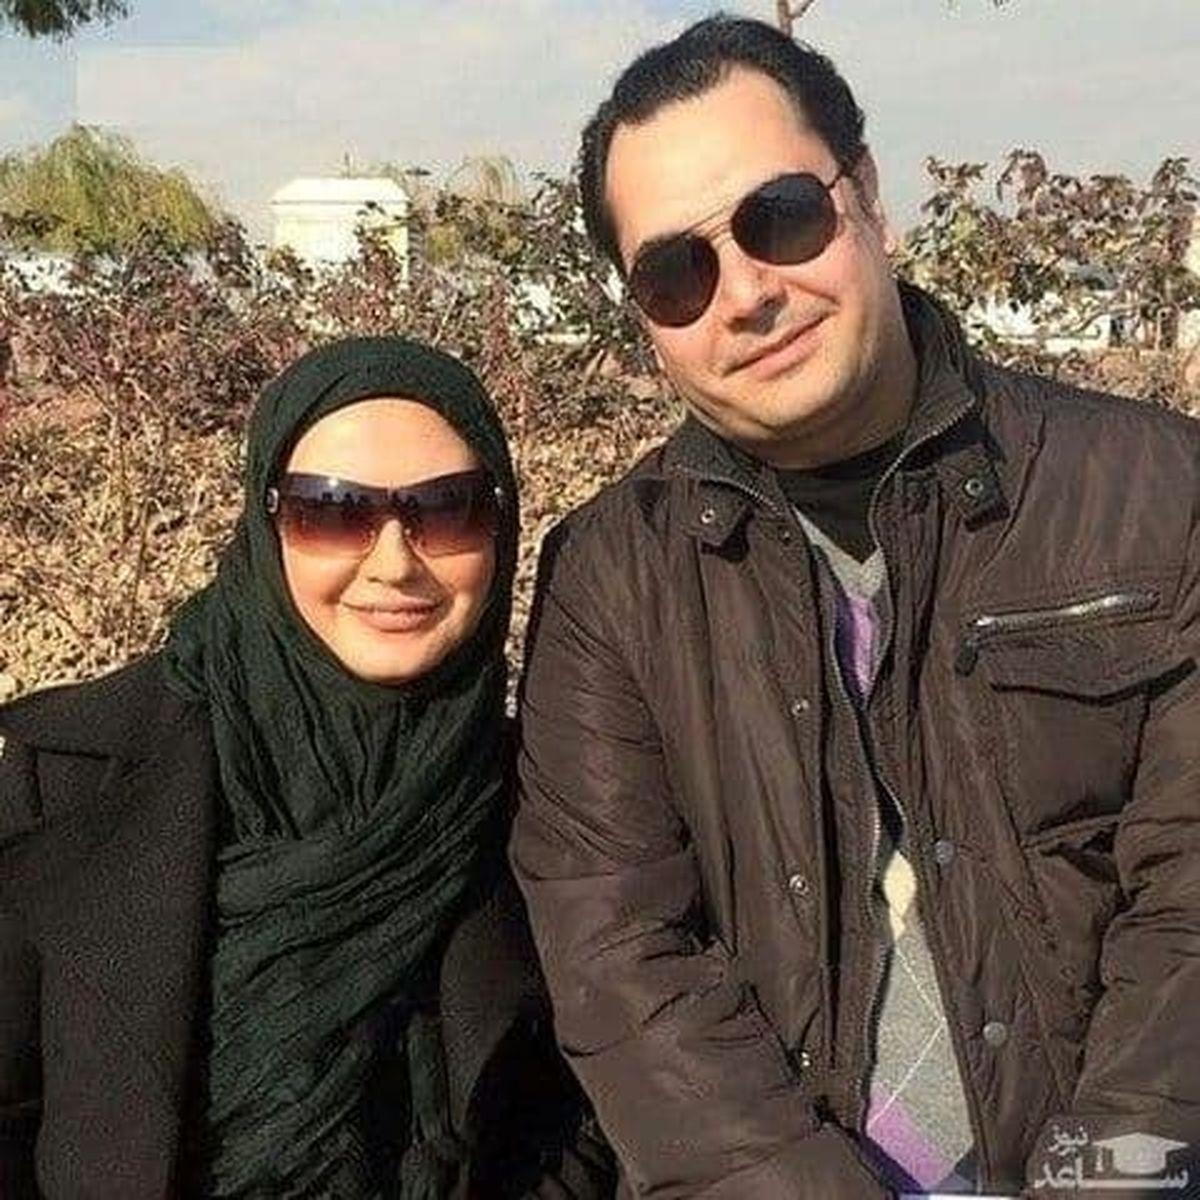 عکسی کمتر دیدهشده از لعیا زنگنه و همسرش